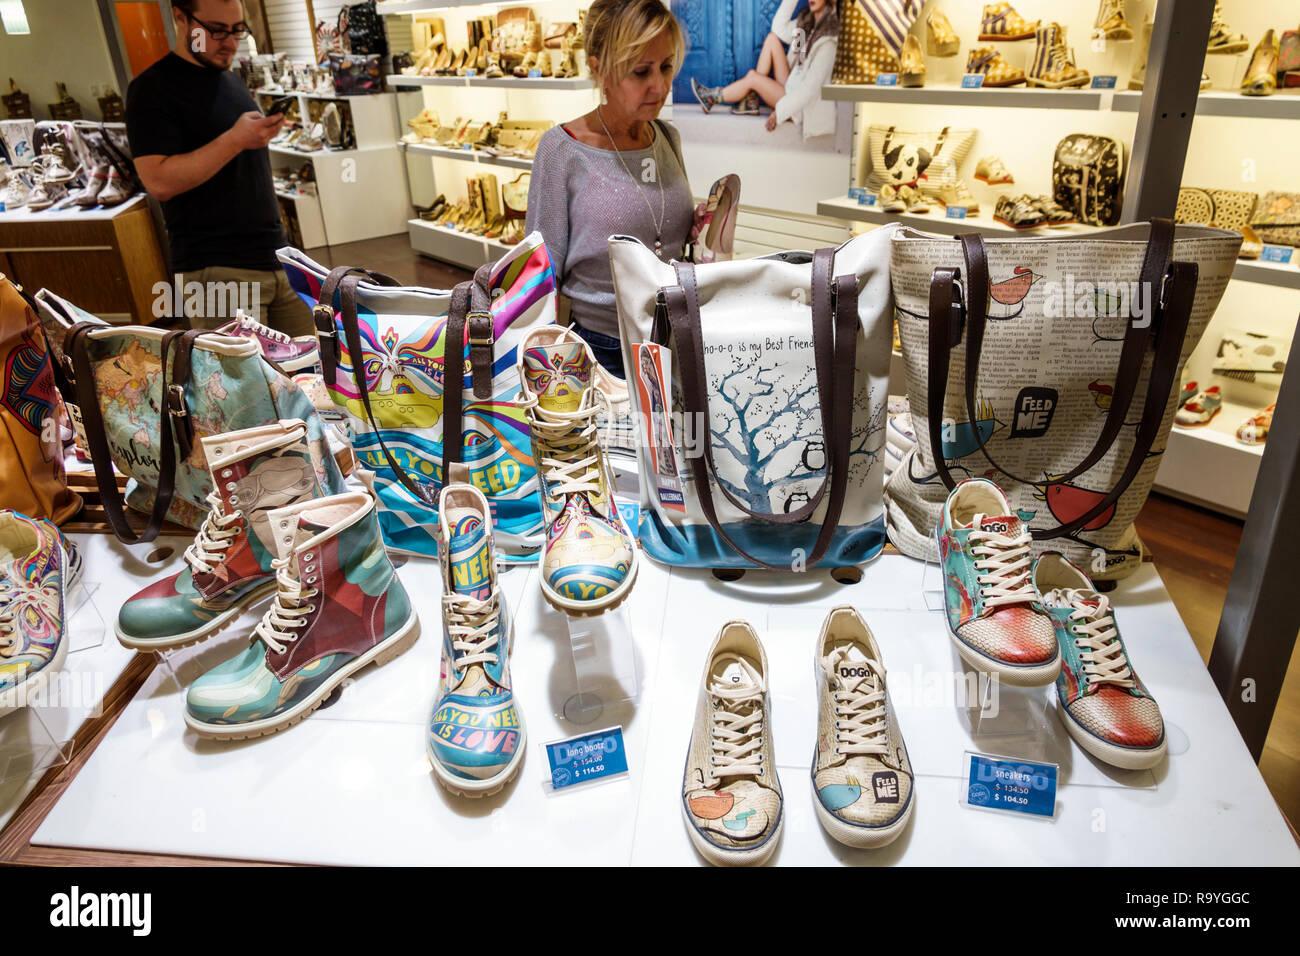 Fort Ft. Lauderdale Florida Sunrise Sawgrass Mills Mall Shopping Dogo Anzeige Verkauf Schuhe Taschen Stockfoto